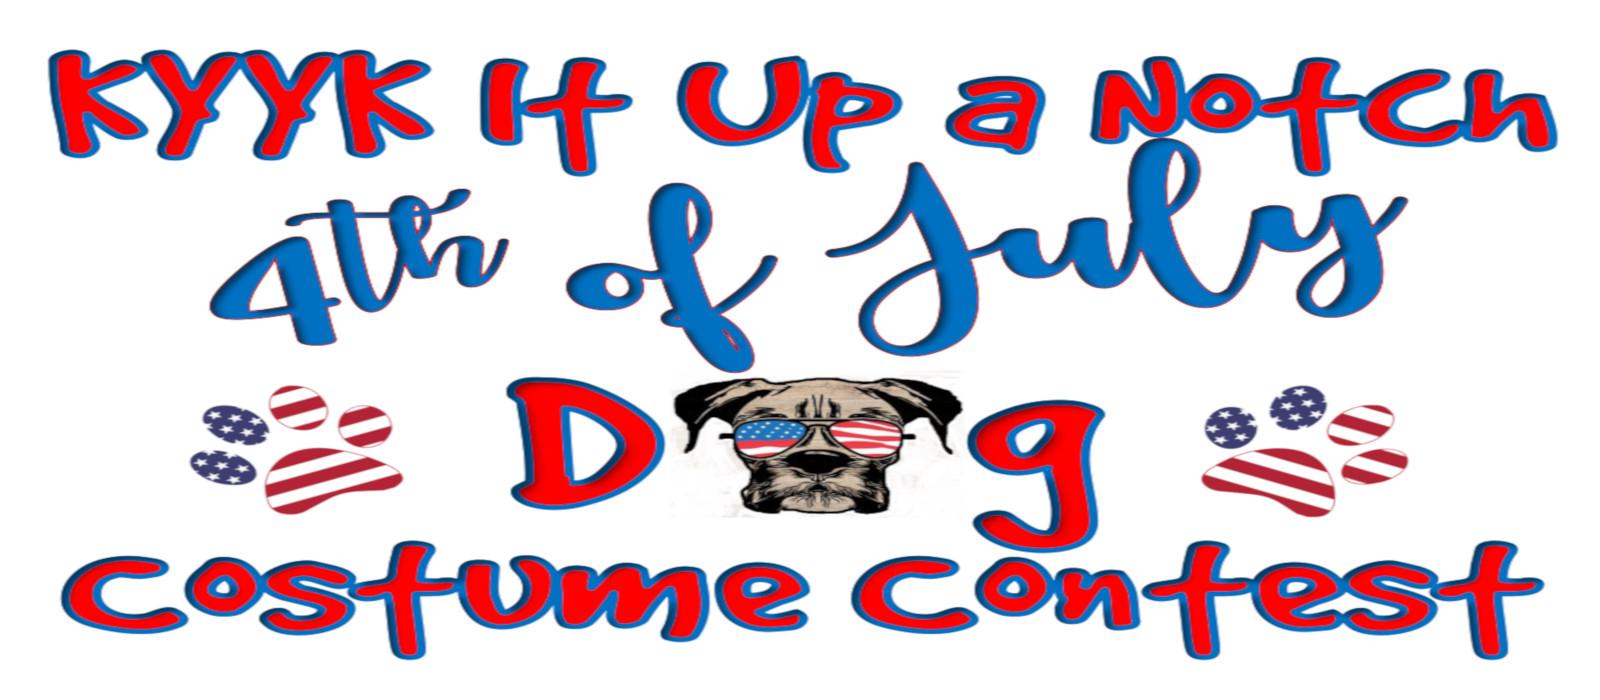 KYYK It Up a Notch Dog Costume Contest!